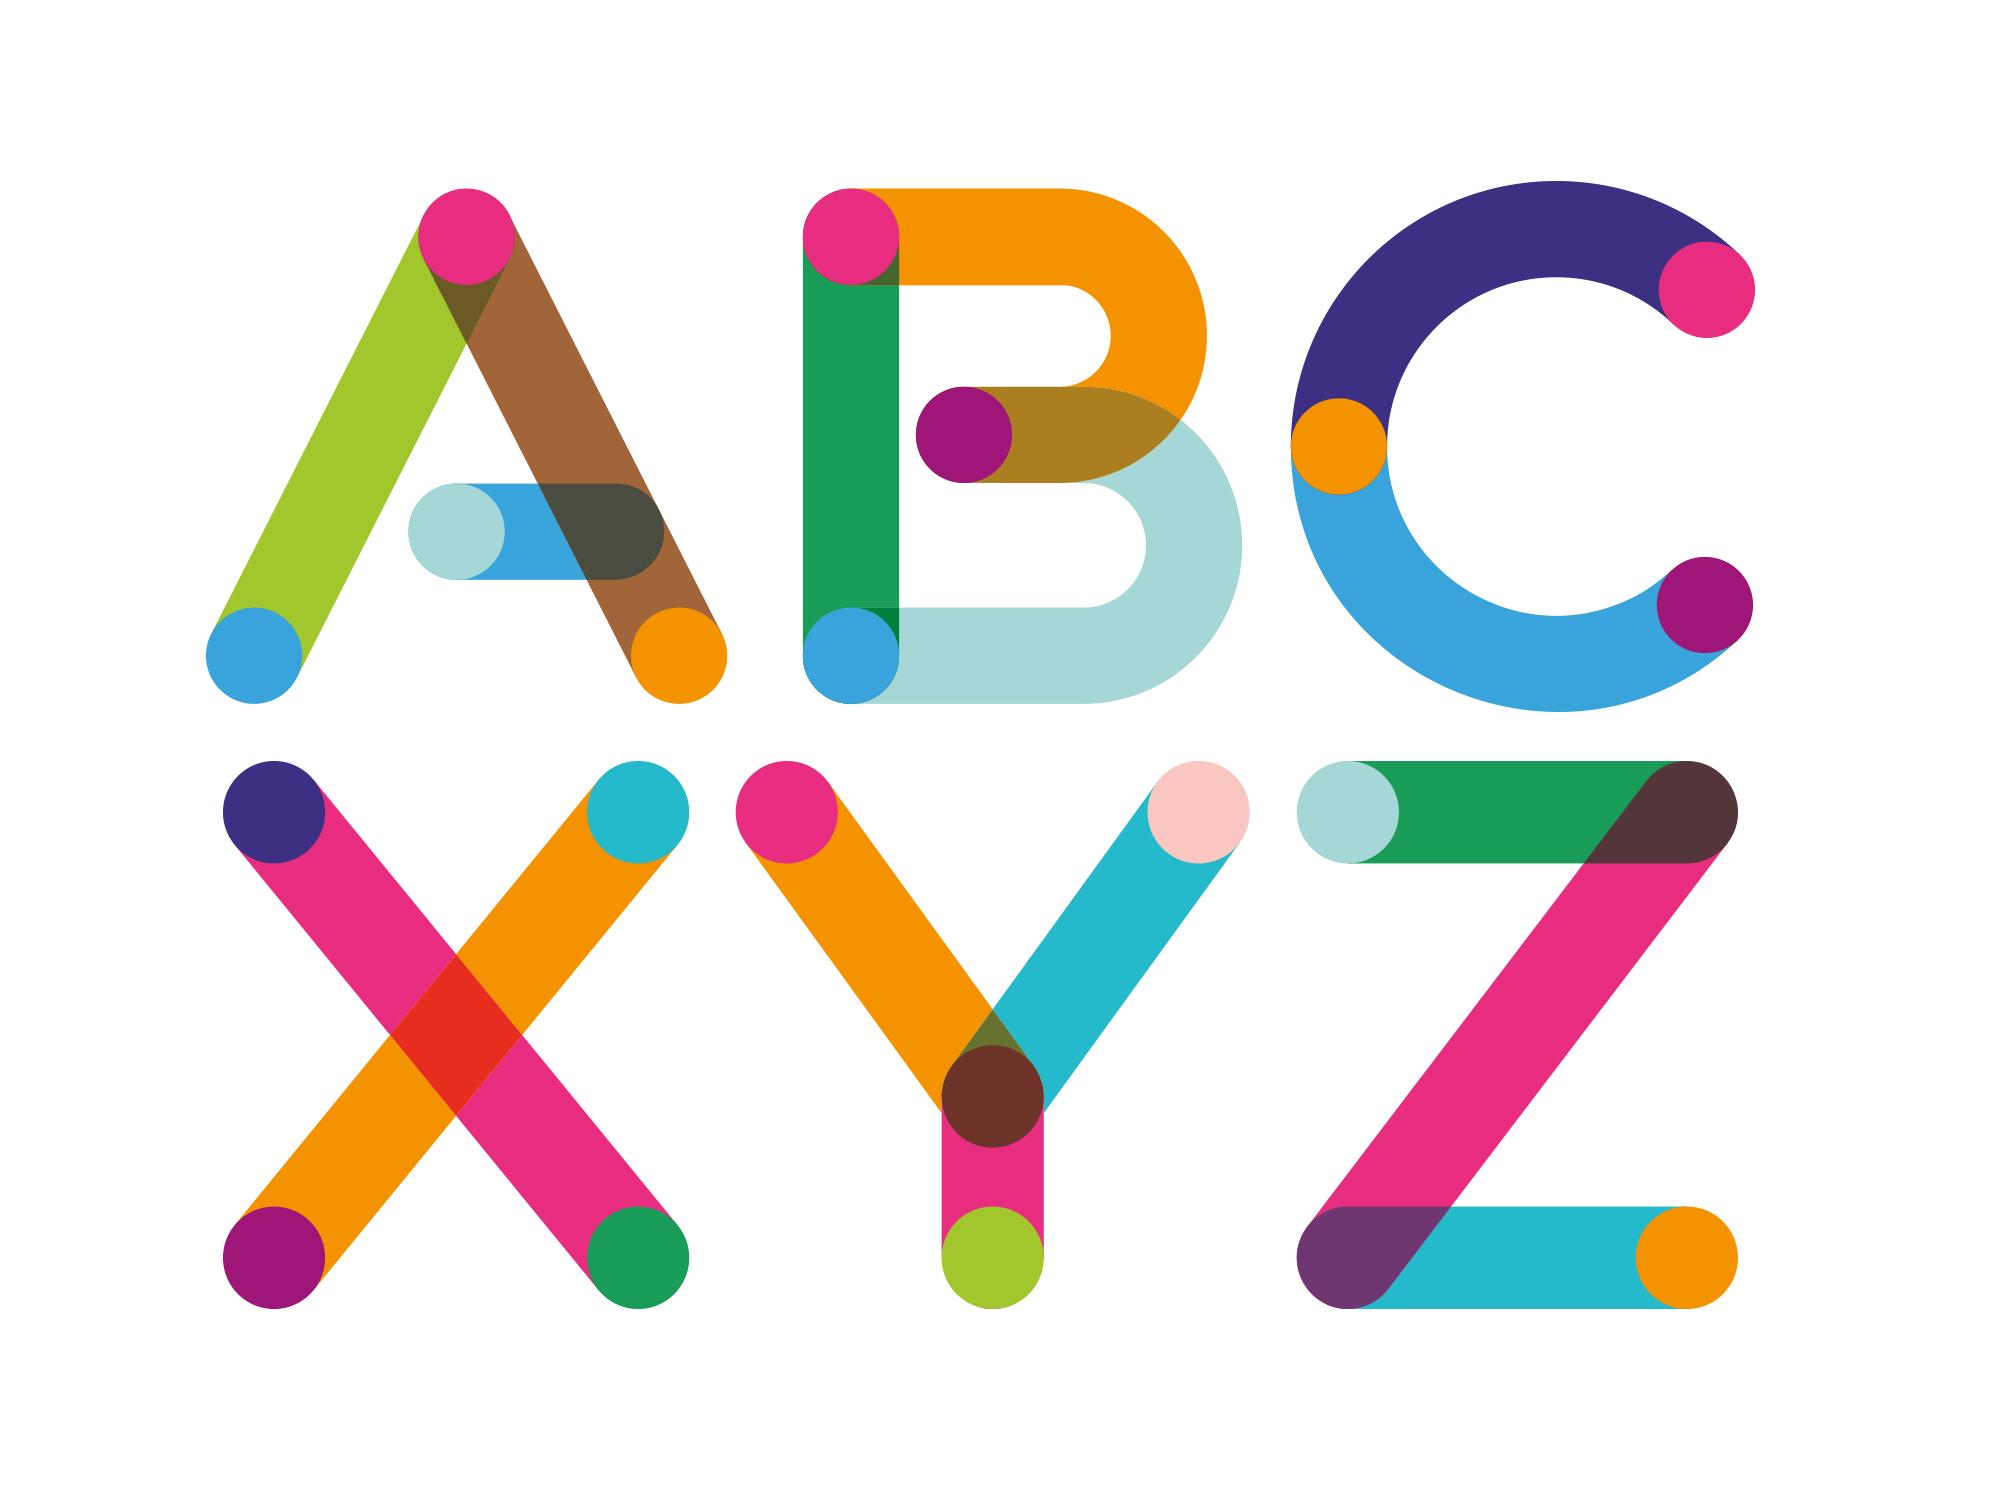 Free Download: ColorTube Font | Webdesigner Depot